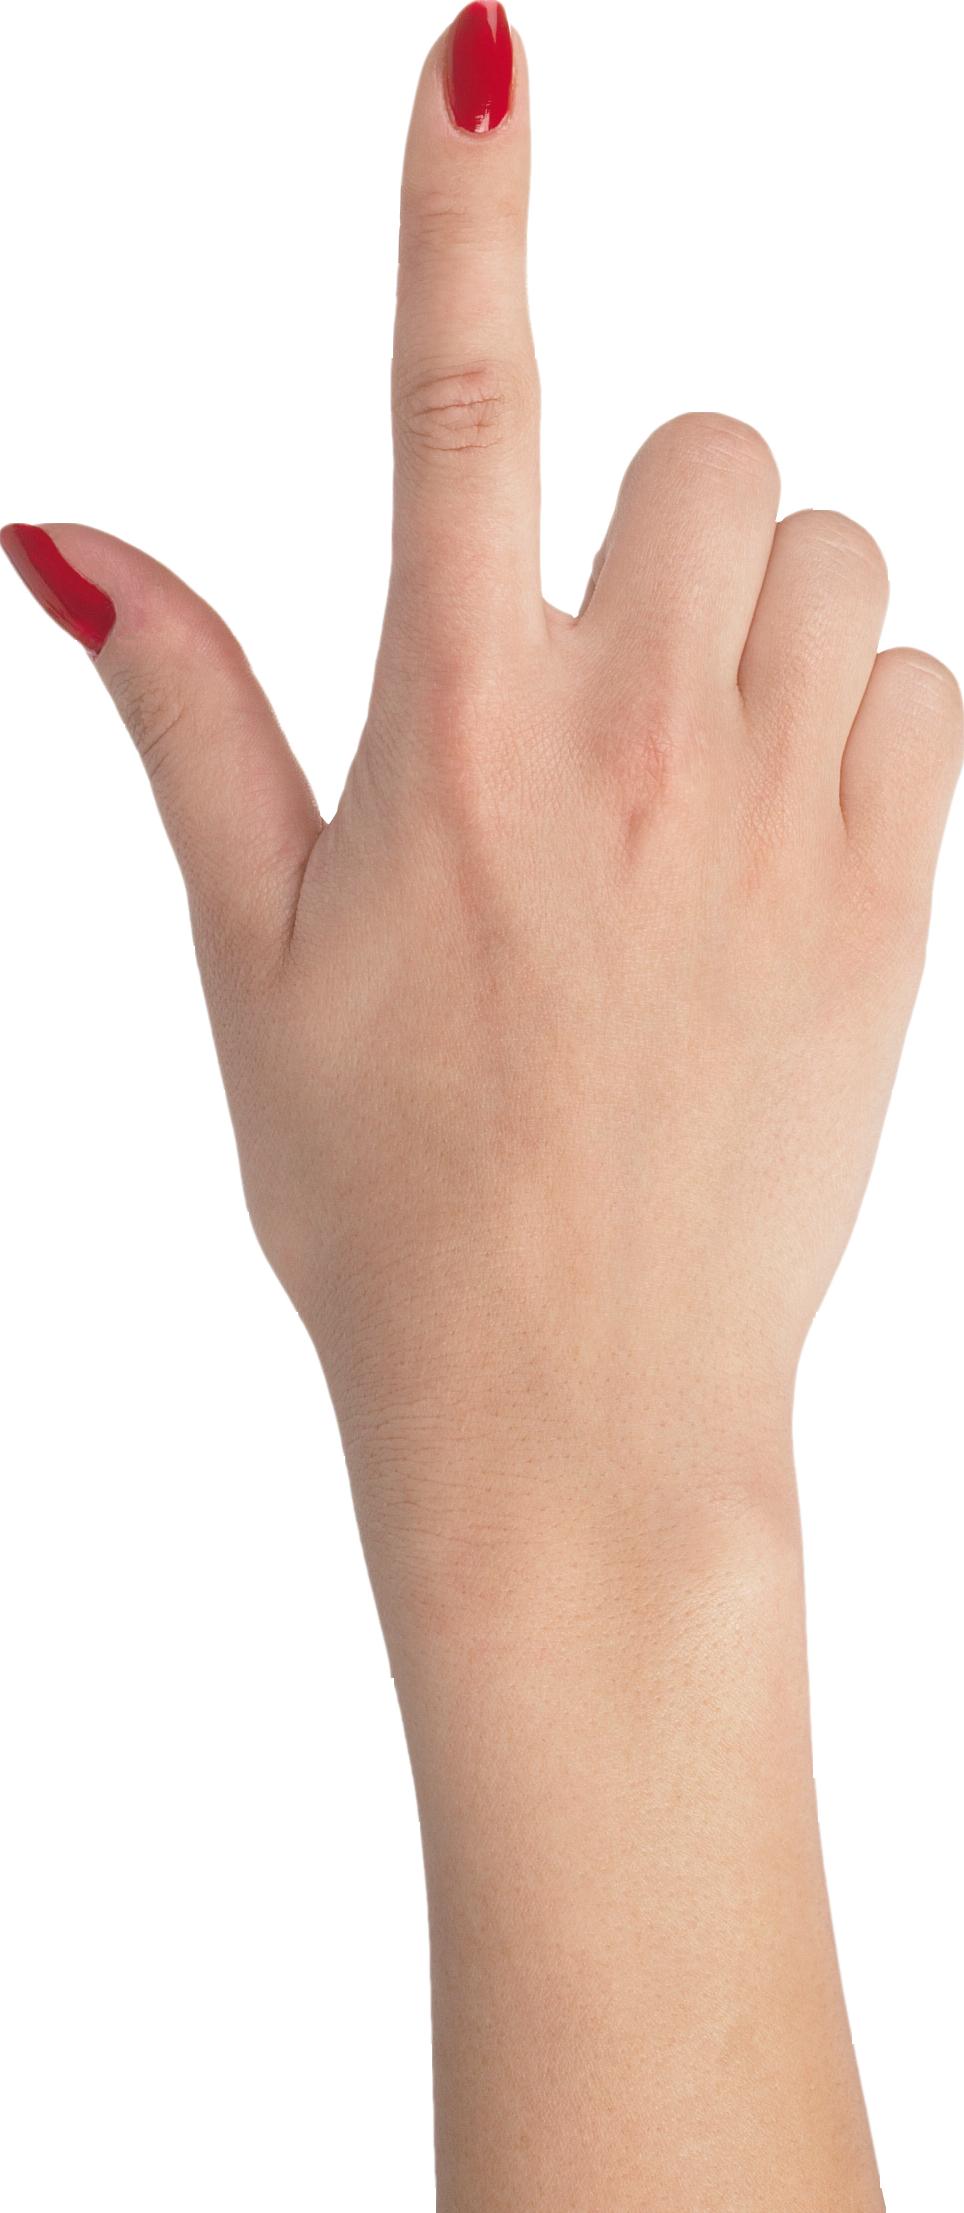 clip art freeuse download Finger transparent background. Hands png free images.